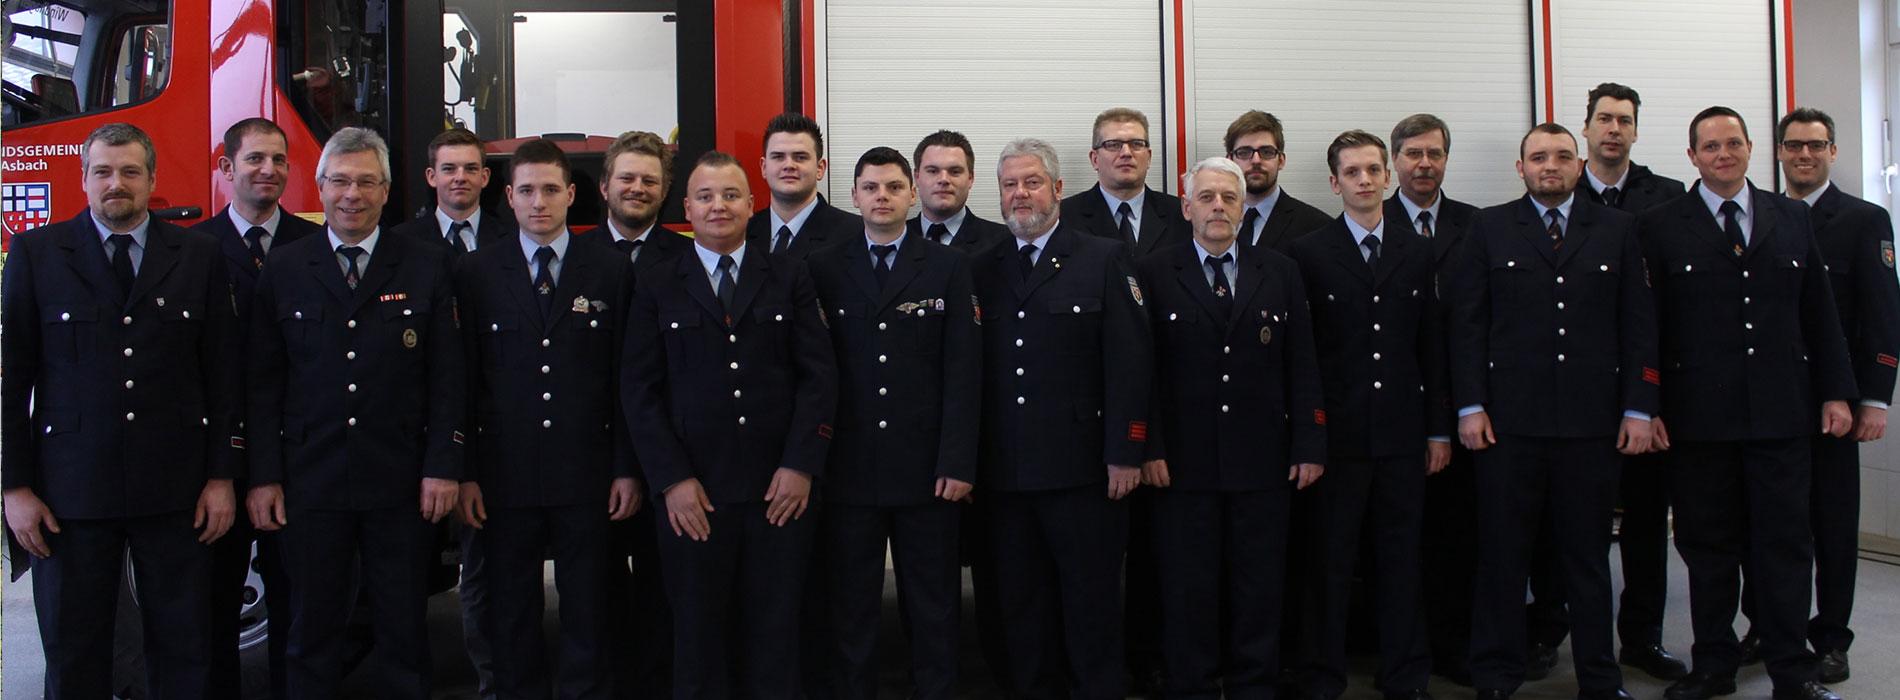 Feuerwehr-Windhagen_Mannschaft_VG-Asbach.jpg